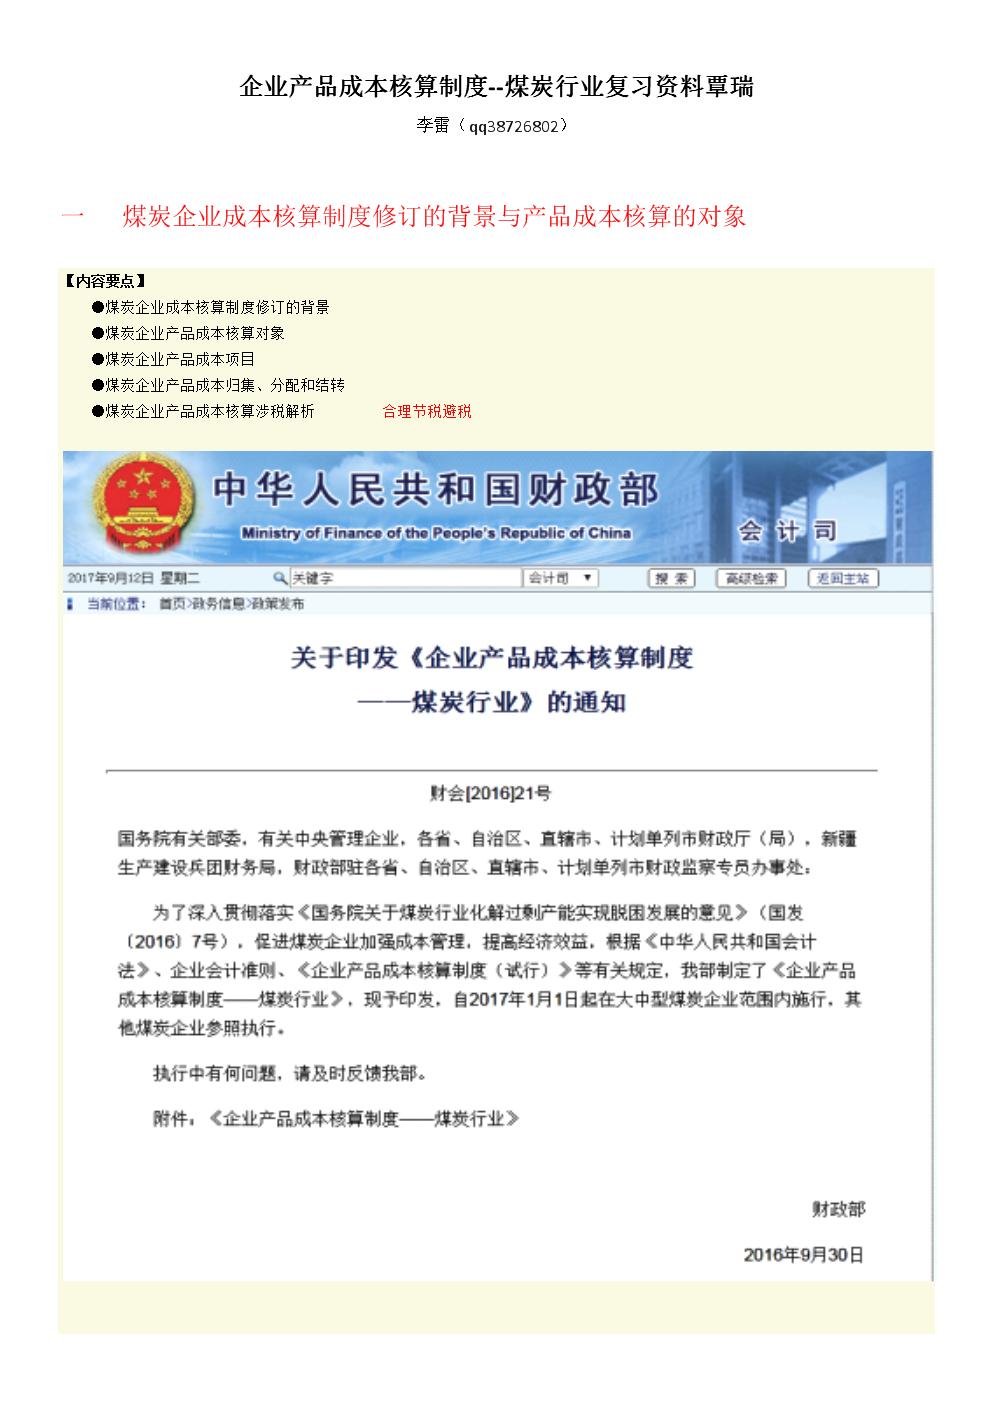 成本管理 企业产品成本核算制度--煤炭行业复习资料覃瑞.docx